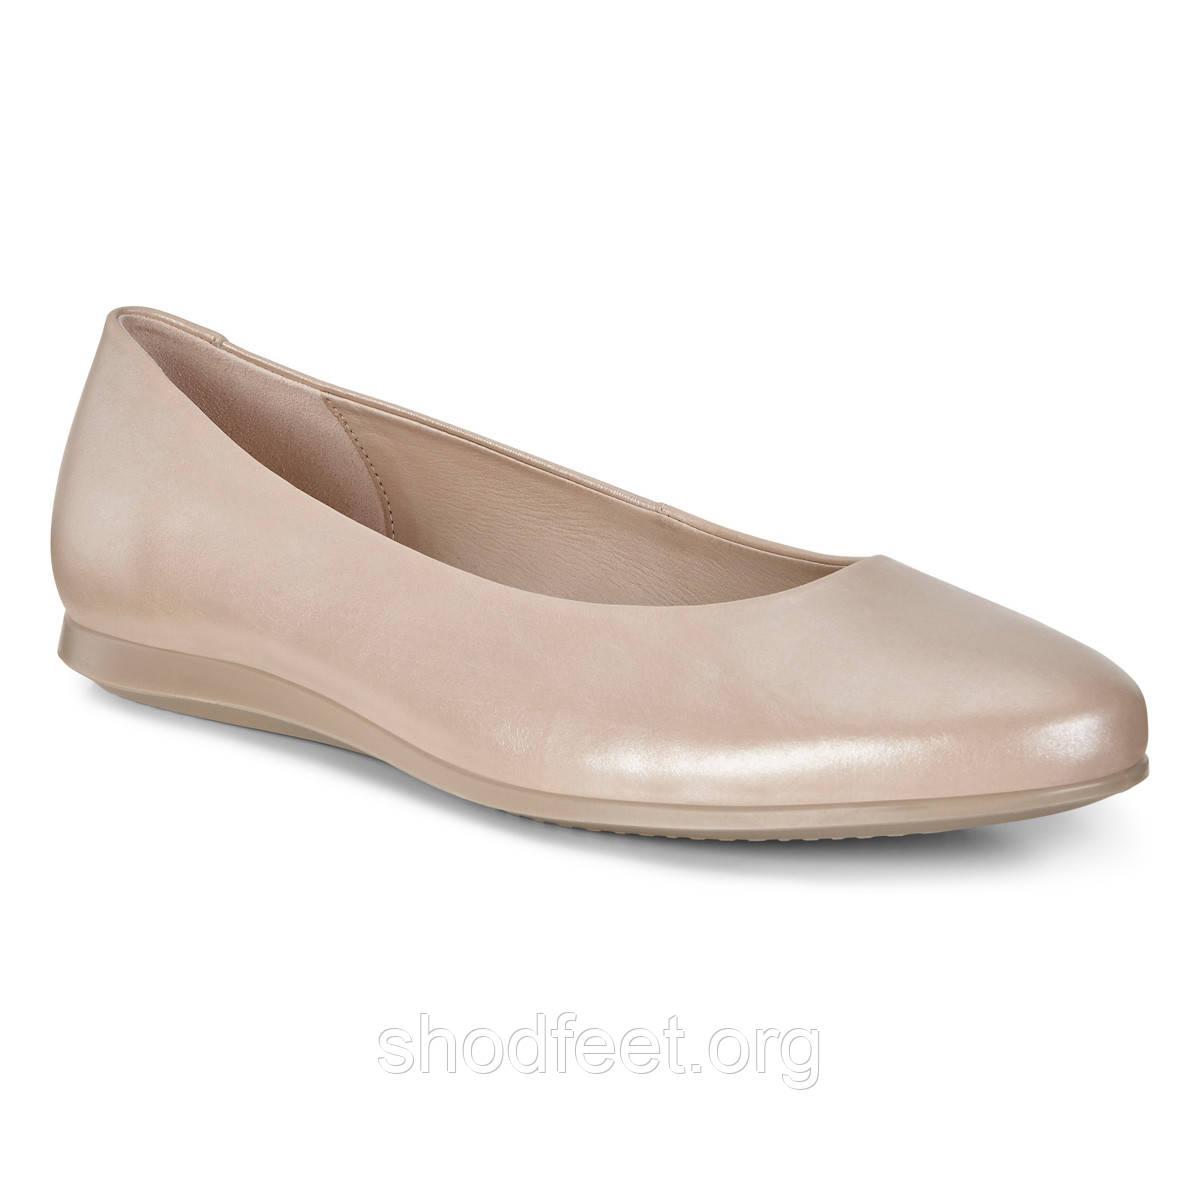 Женские балетки Ecco Touch Ballerina 2.0 271503-51016